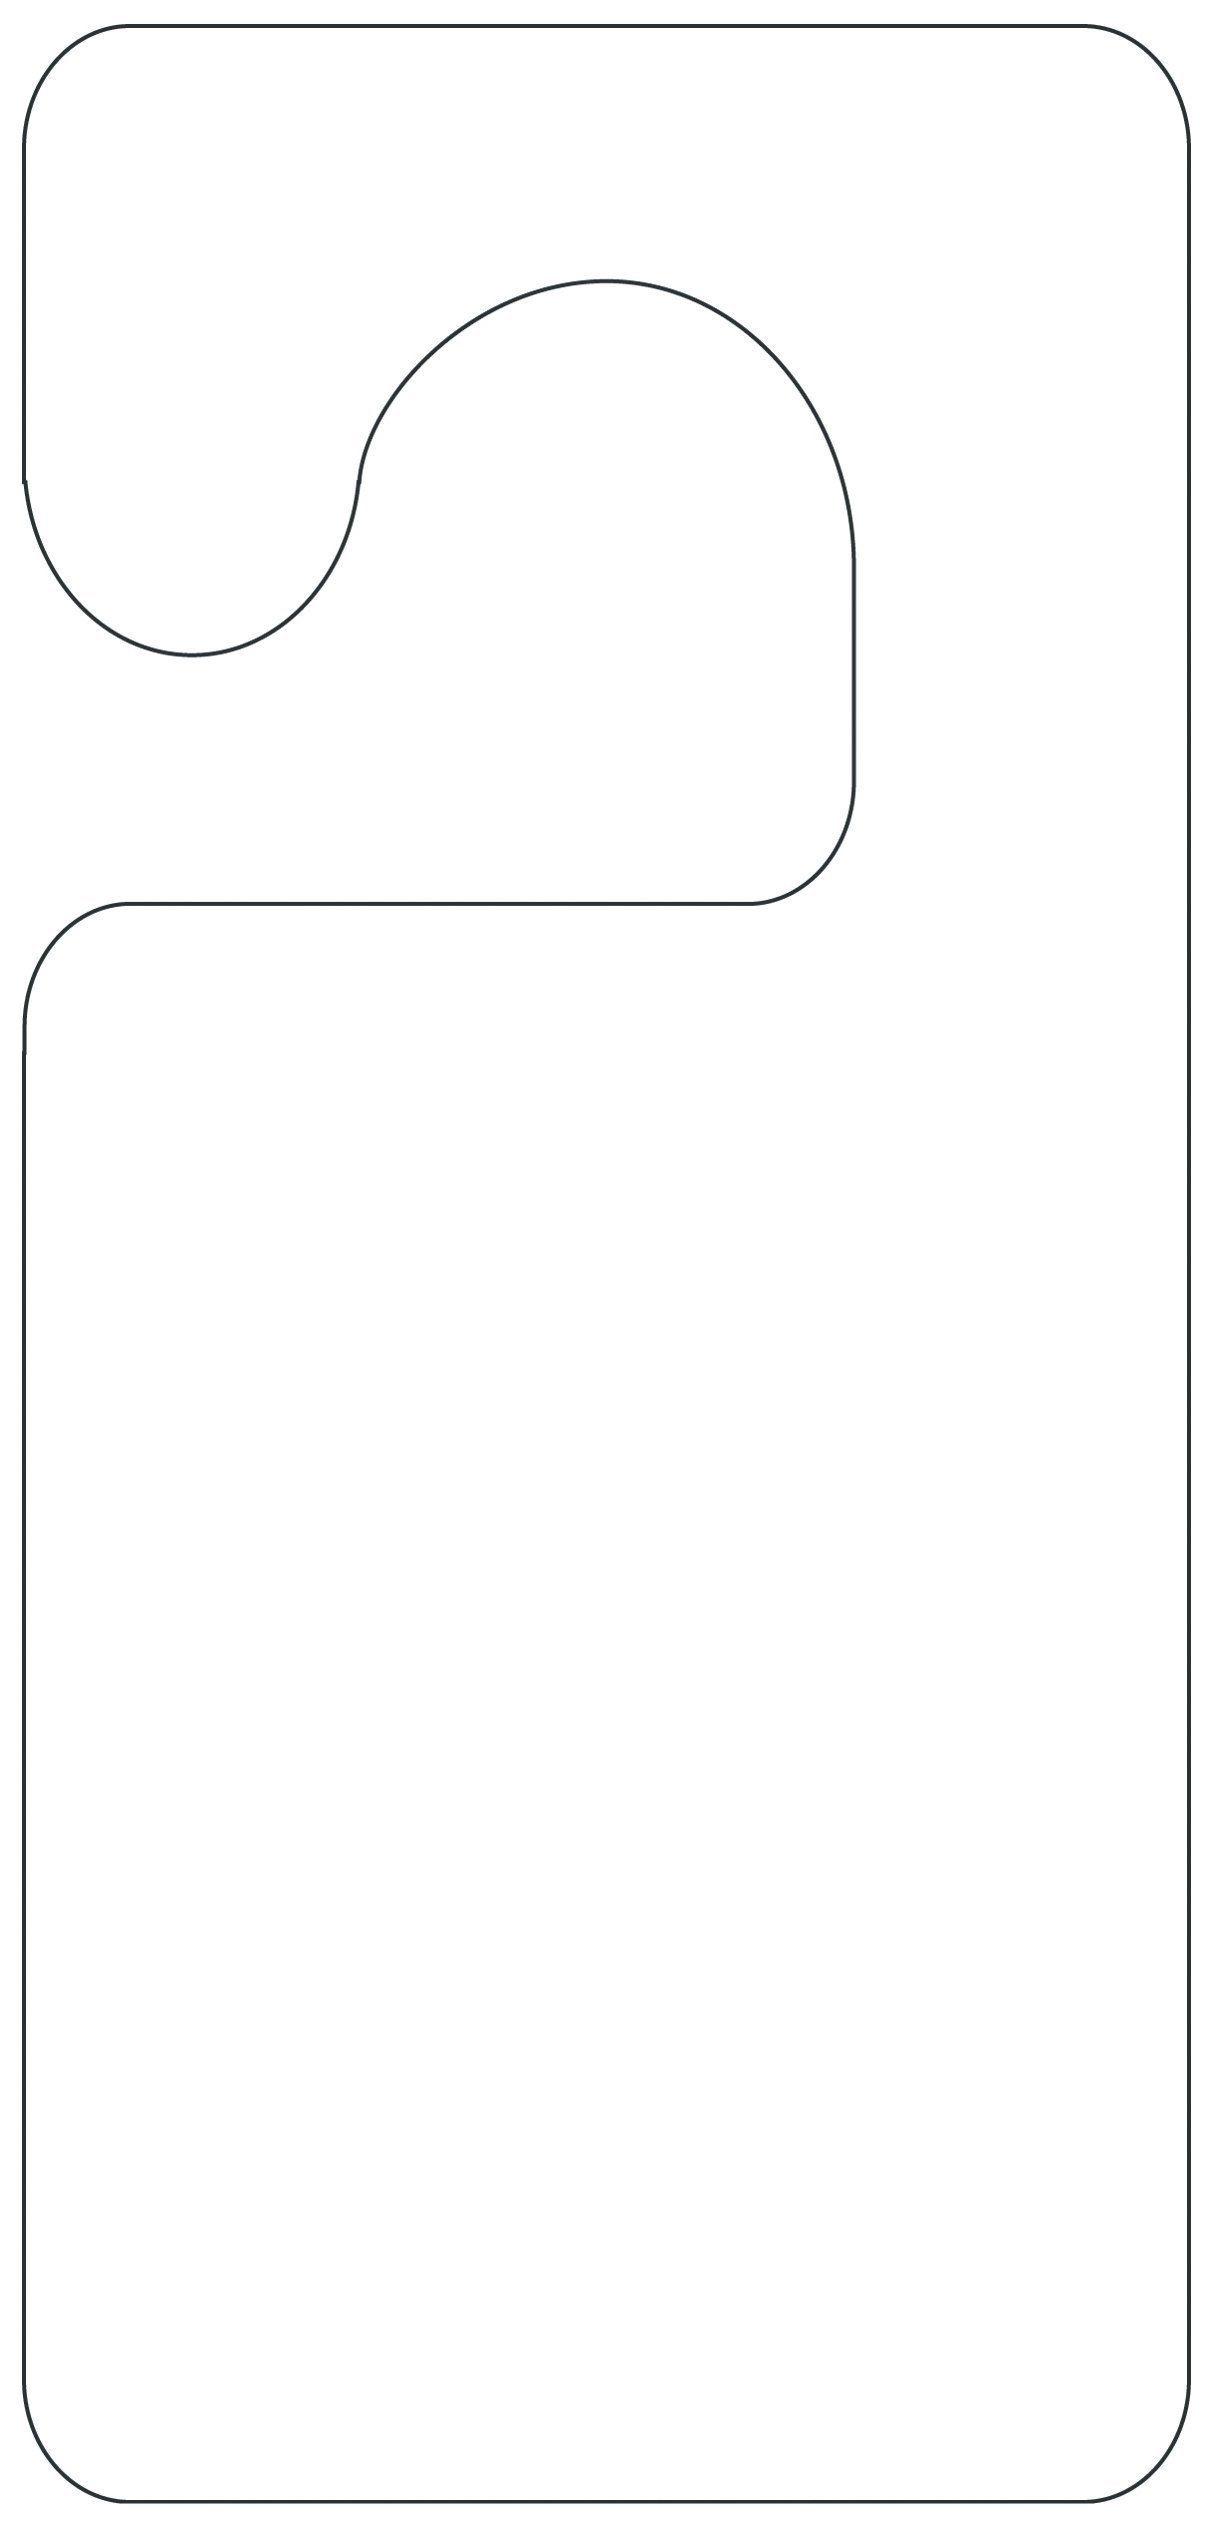 Printable Door Hanger Template | Girl Scouts | Door Hanger Template - Free Printable Door Hanger Template